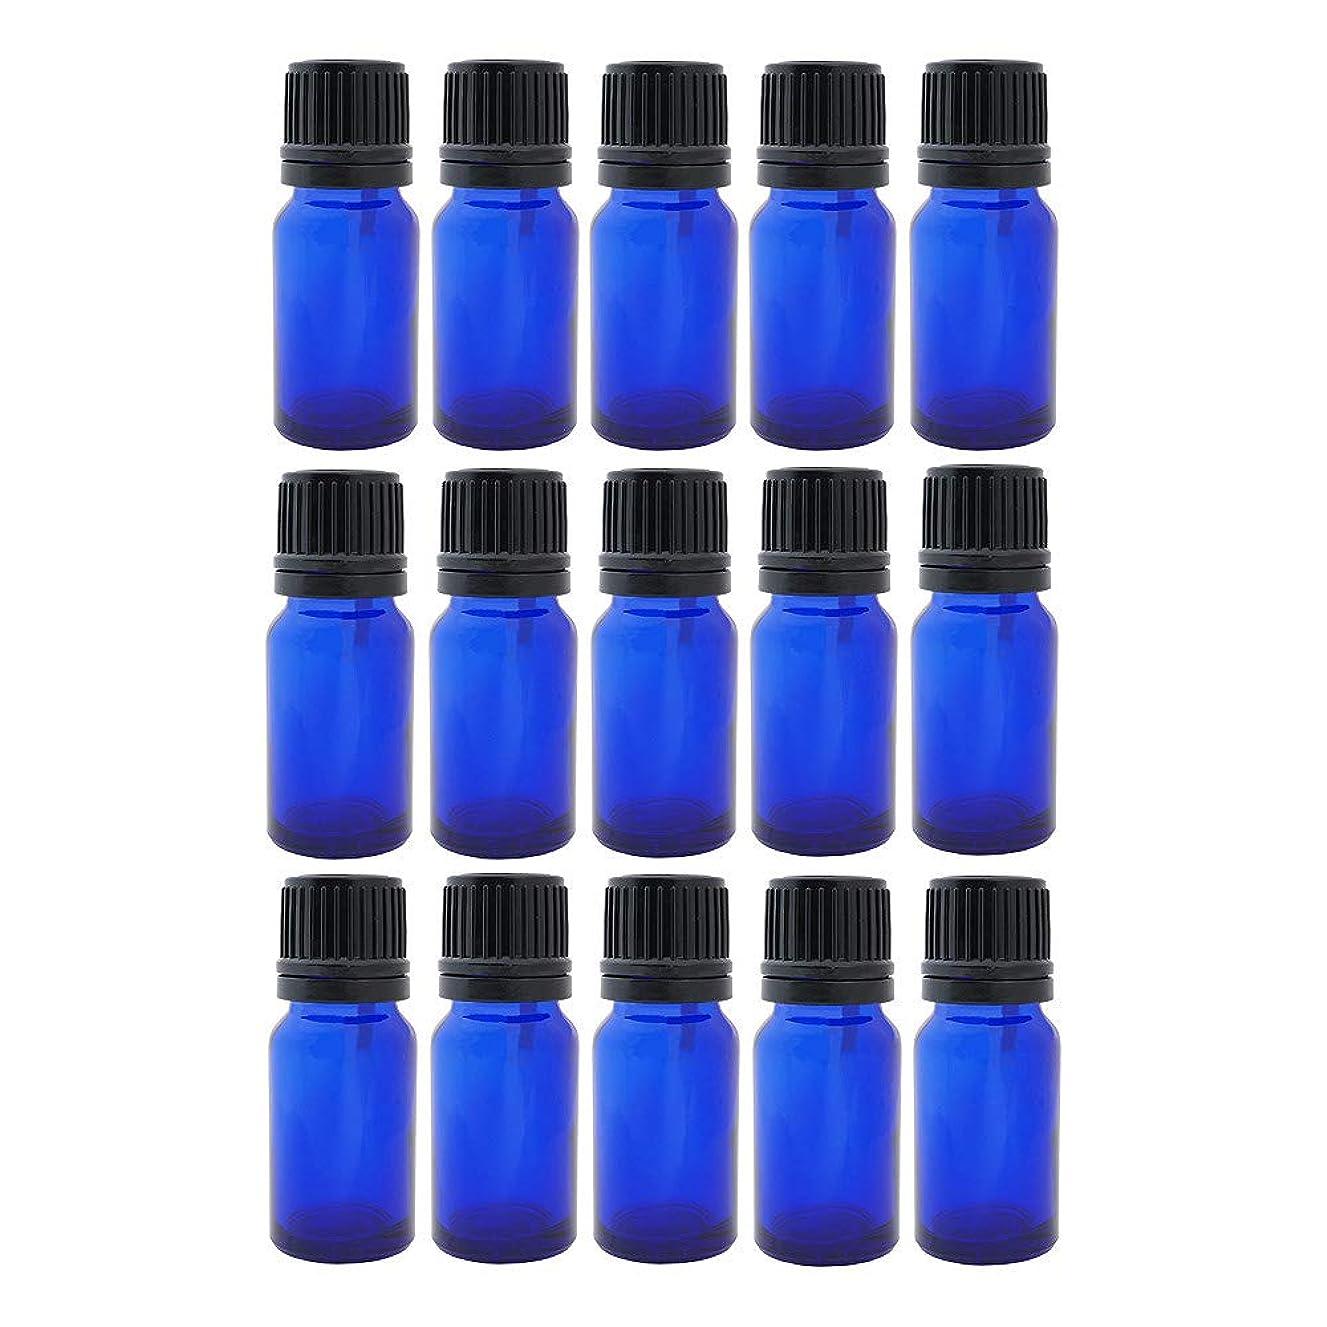 接続された検閲家禽遮光ビン 10ml 瓶 15本セット ブルー(ドロッパー キャップ付)